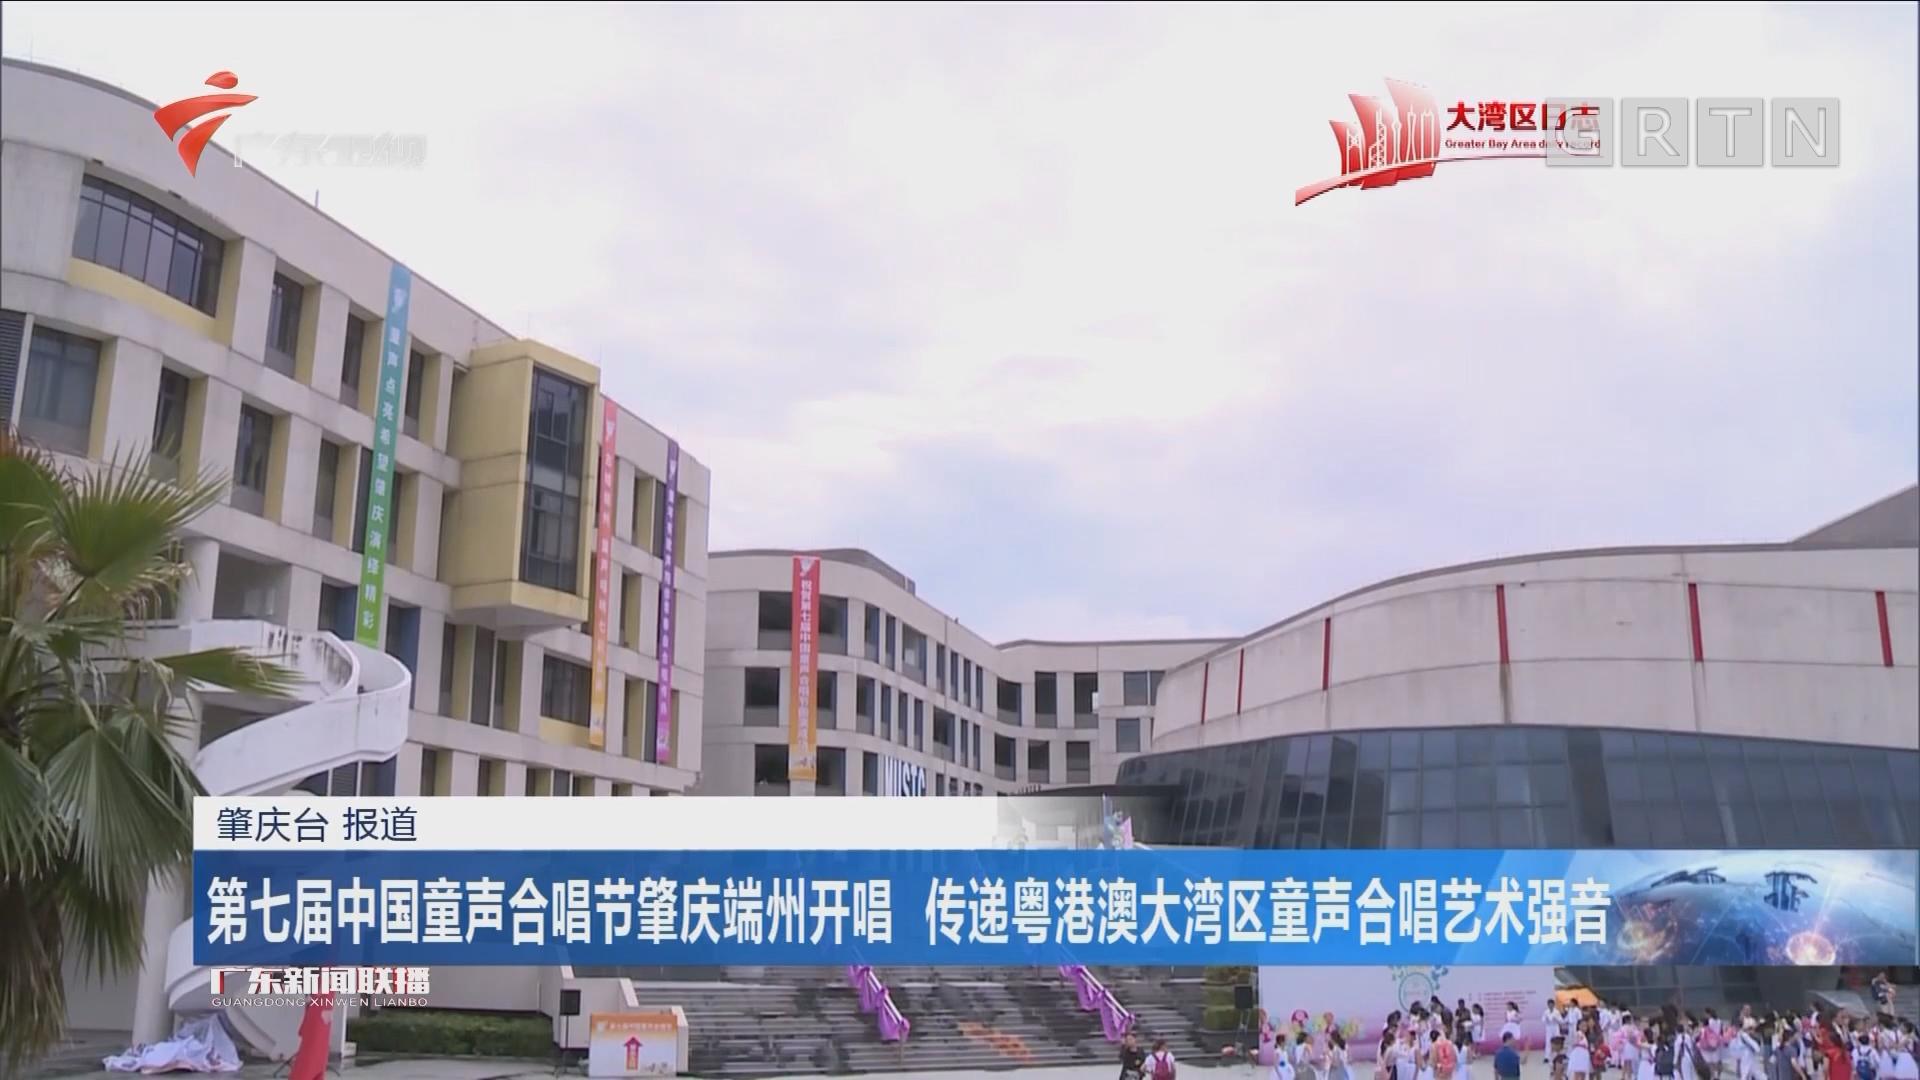 第七届中国童声合唱节肇庆端州开唱 传递粤港澳大湾区童声合唱艺术强音